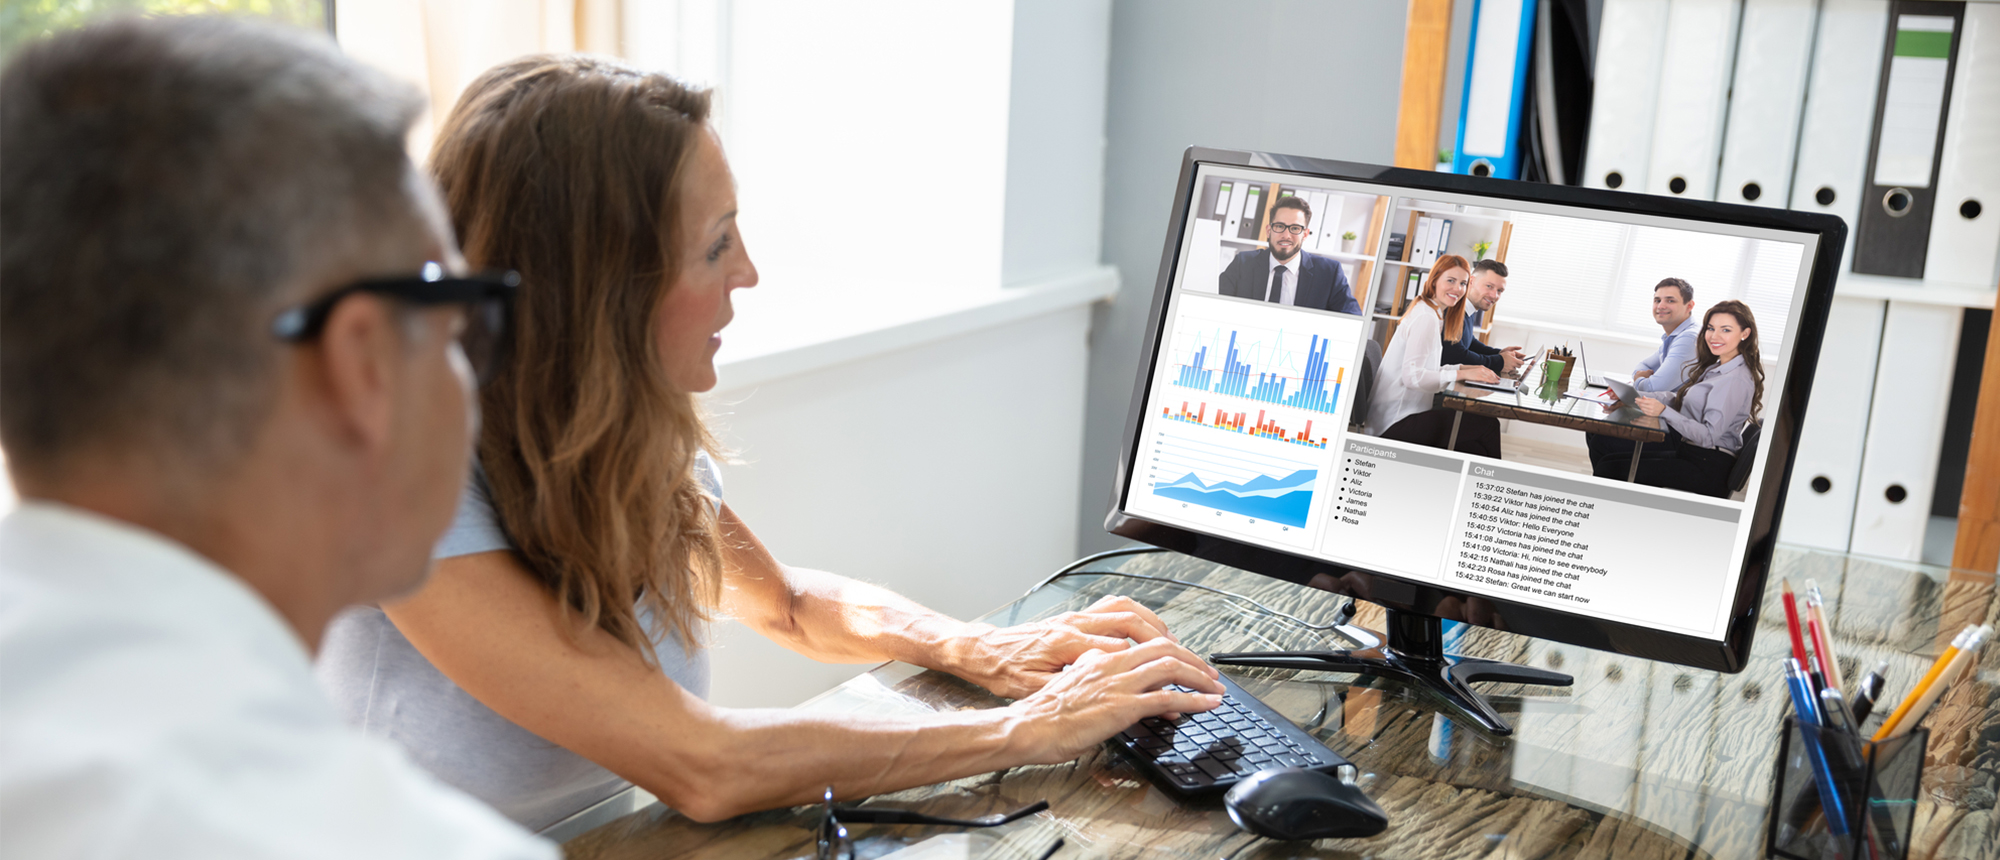 3 razones por qué debieras contratar a una consultora para adoptar el teletrabajo